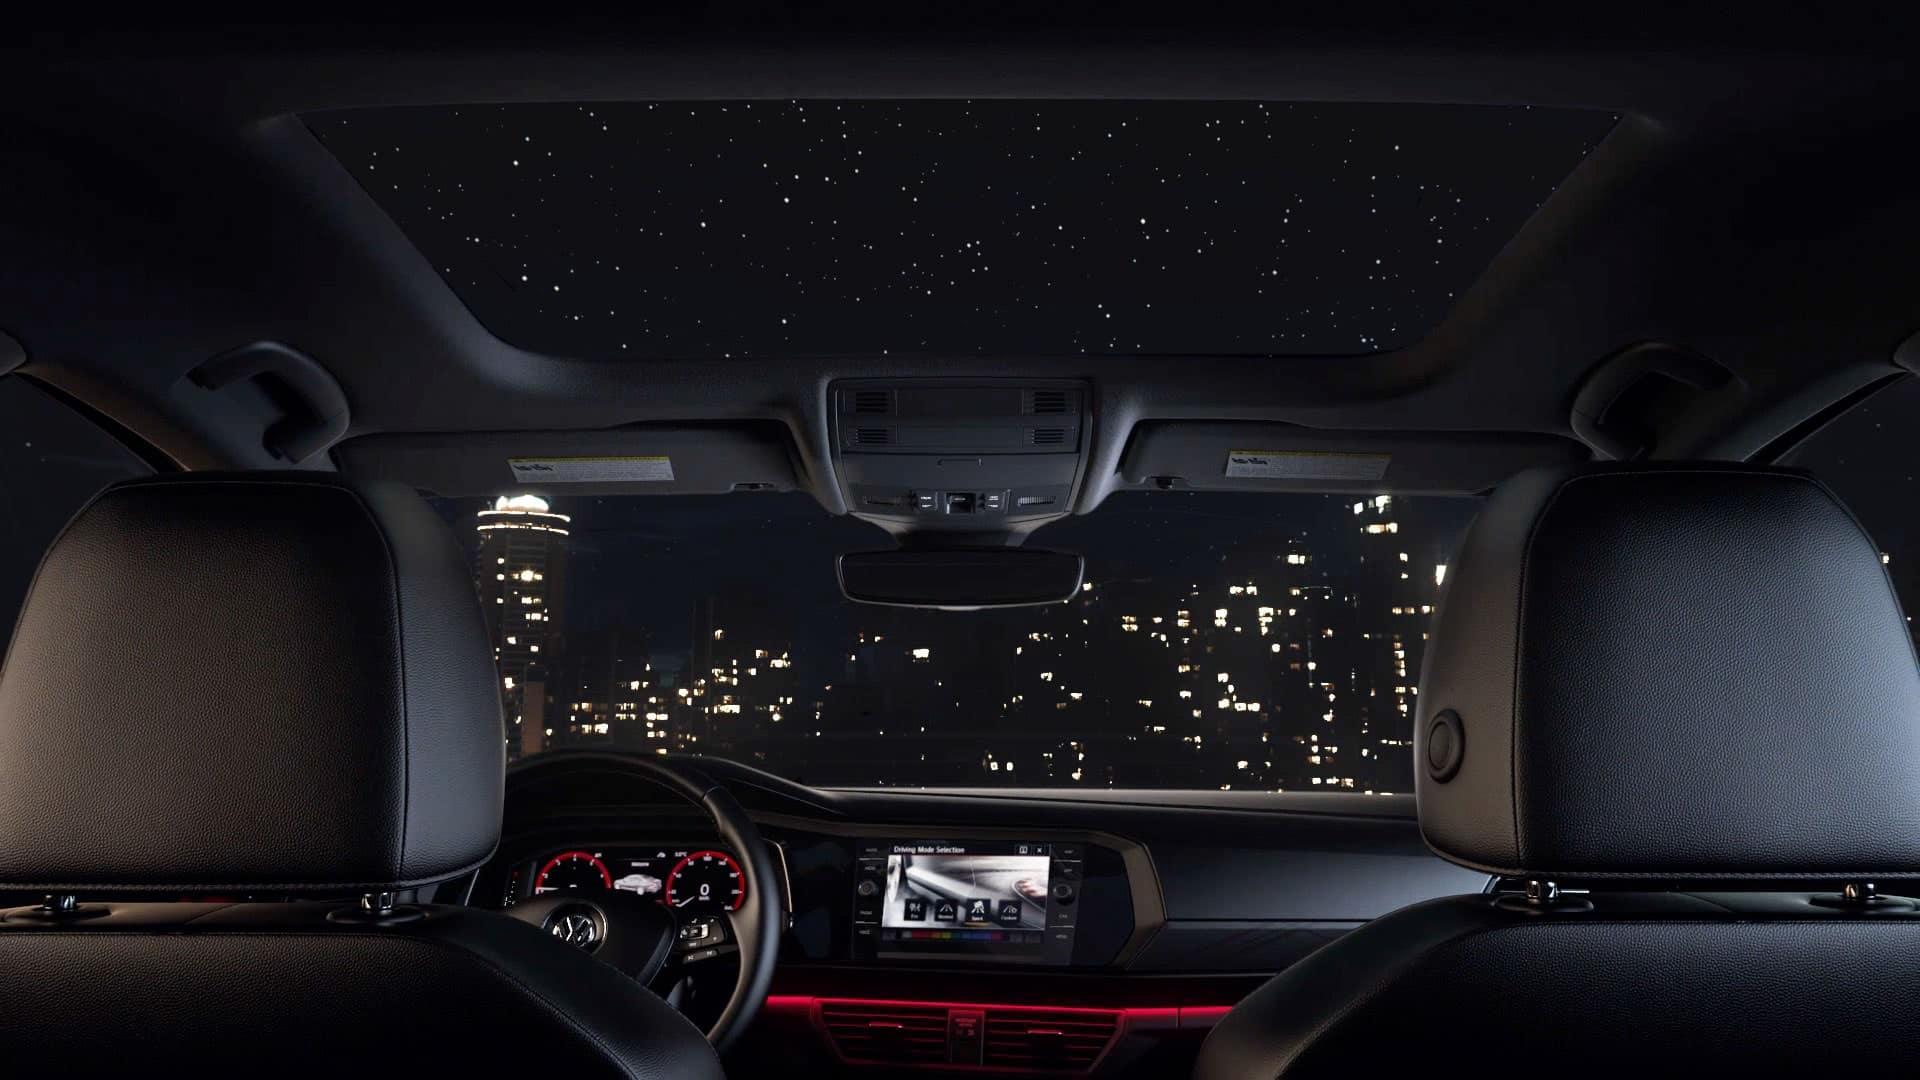 VW Jetta Panoramic Sunroof